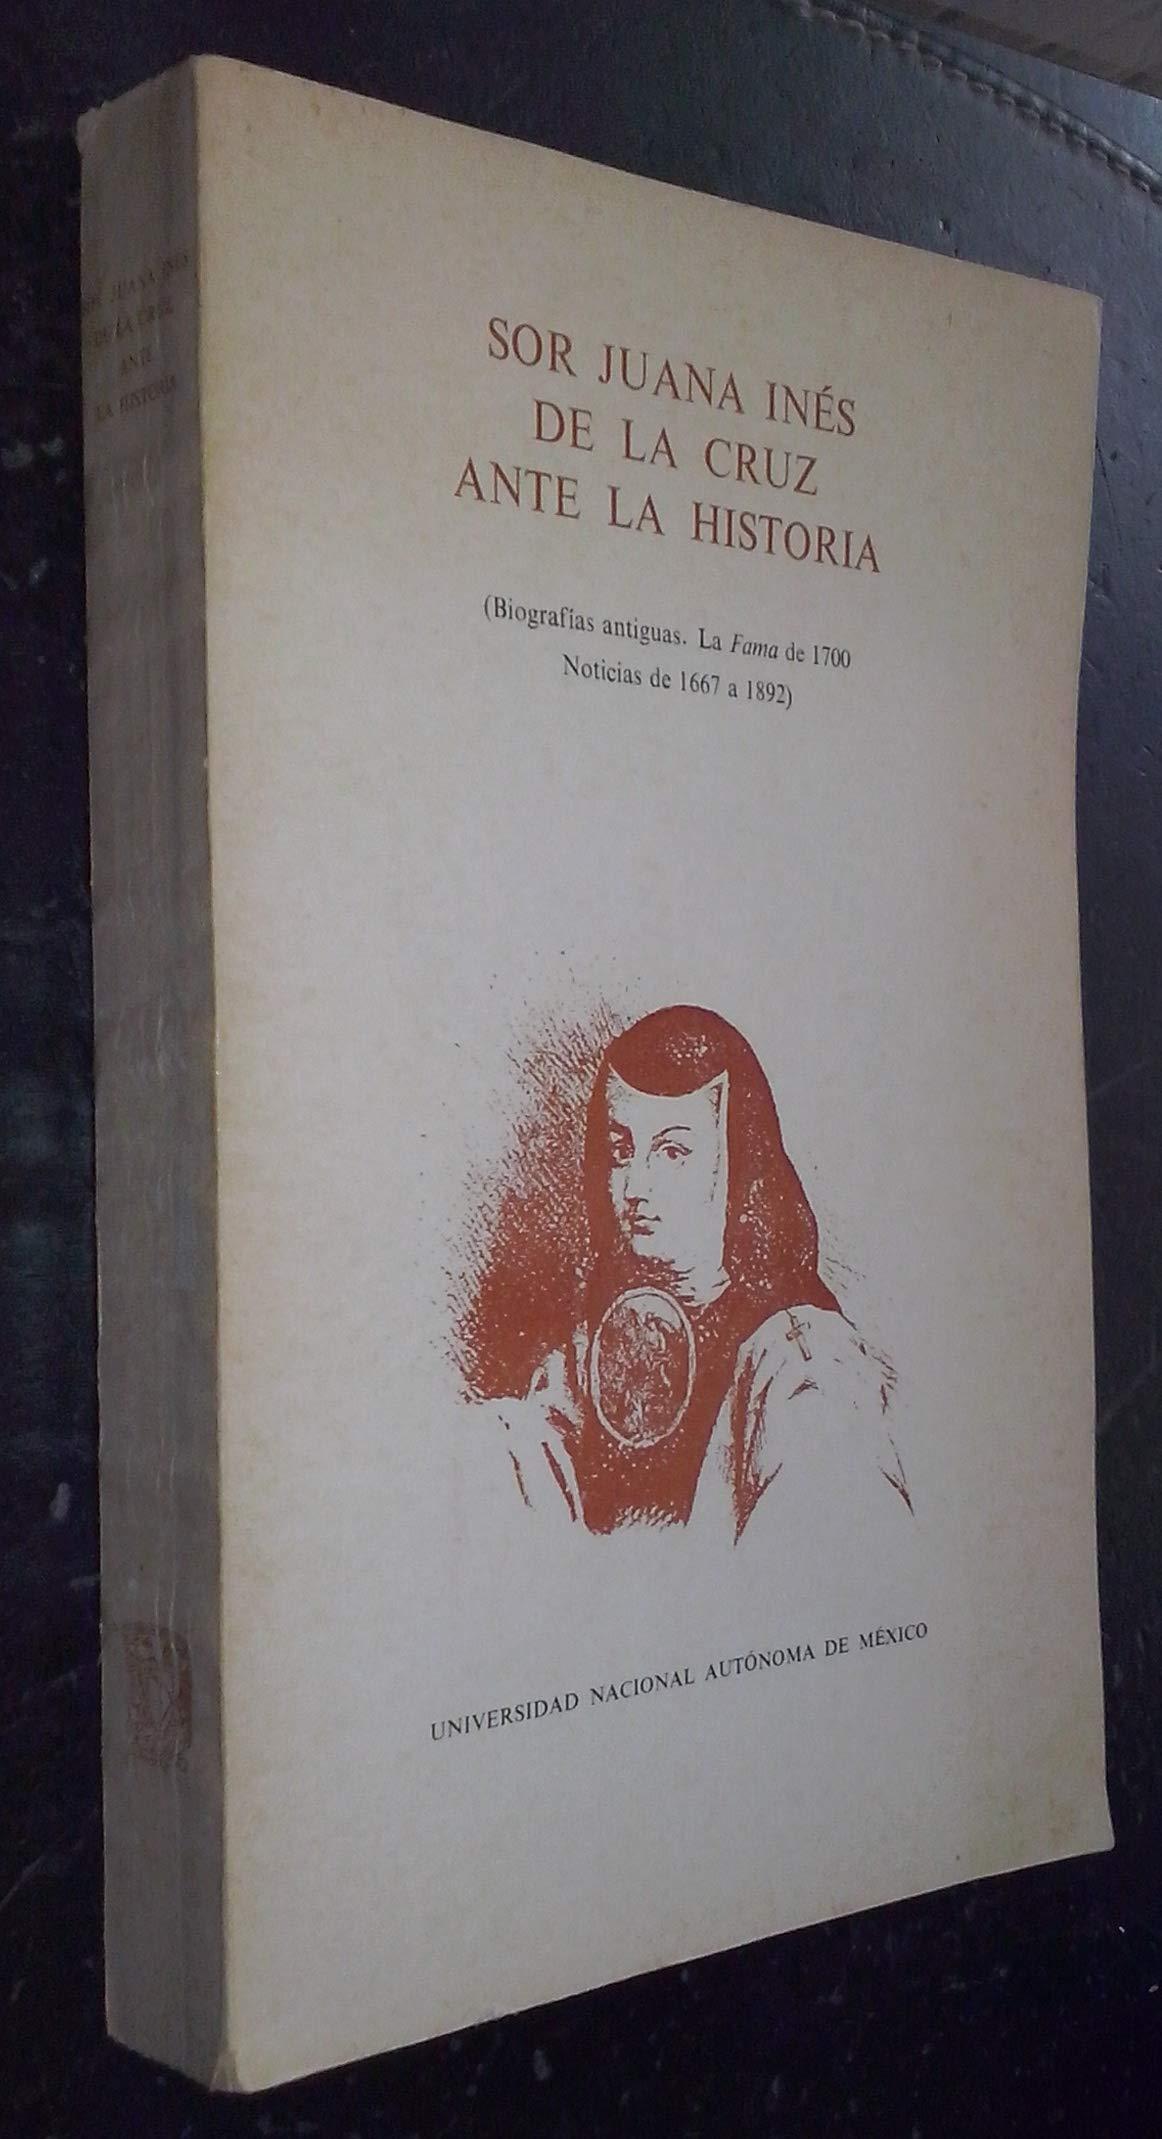 Sor Juana Inés De La Cruz Ante La Historia Biografías Antiguas La Fama De 1700 Noticias De 1667 A 1892 Estudios De Literatura Spanish Edition Francisco De La Maza Elias Trabulse 9789685827591 Books